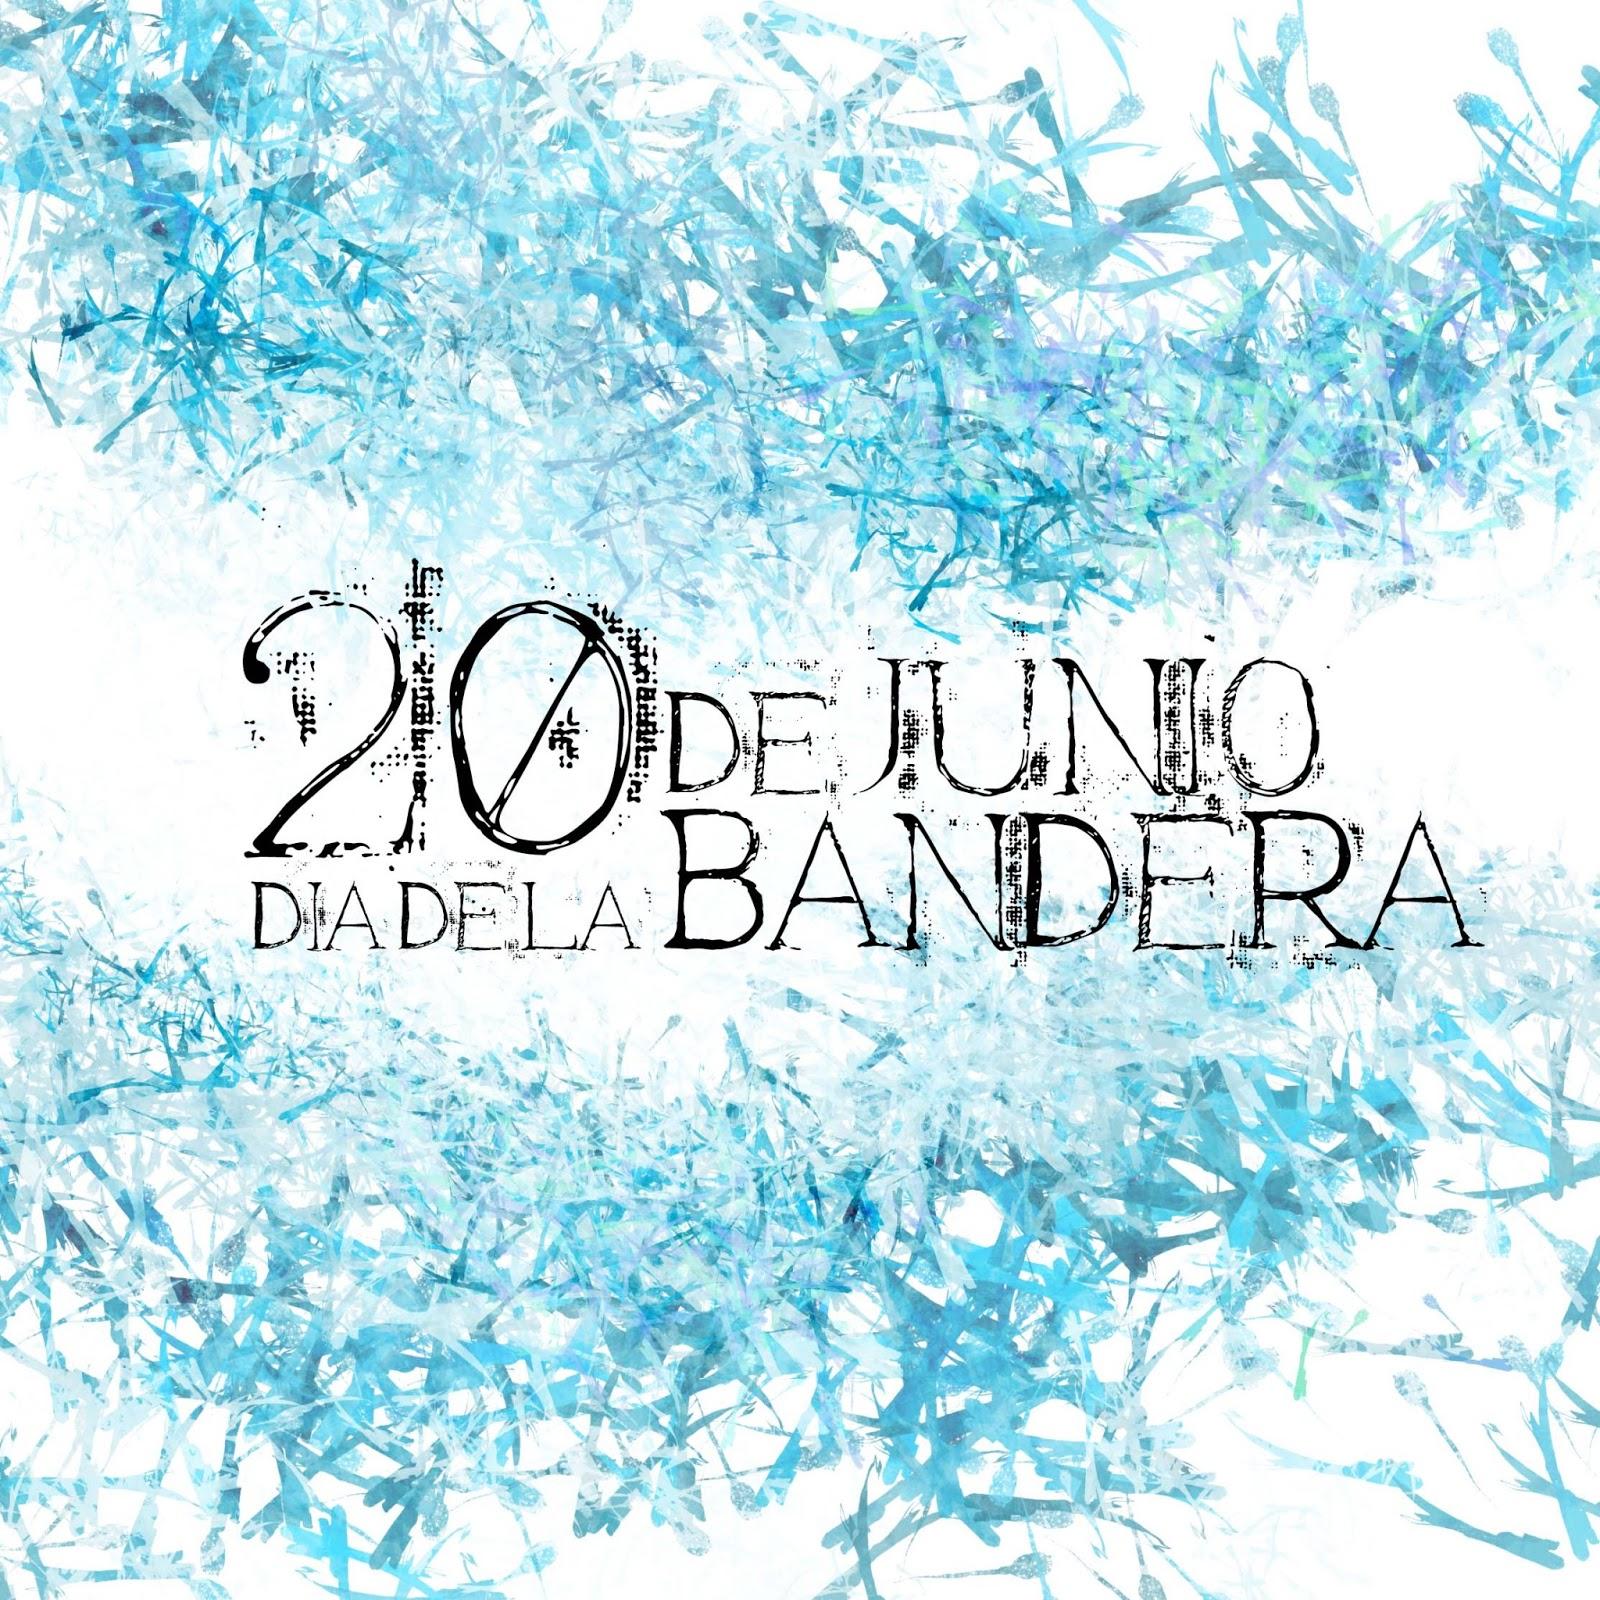 Mi Sala Amarilla 20 De Junio Da De La Bandera | MEJOR CONJUNTO DE